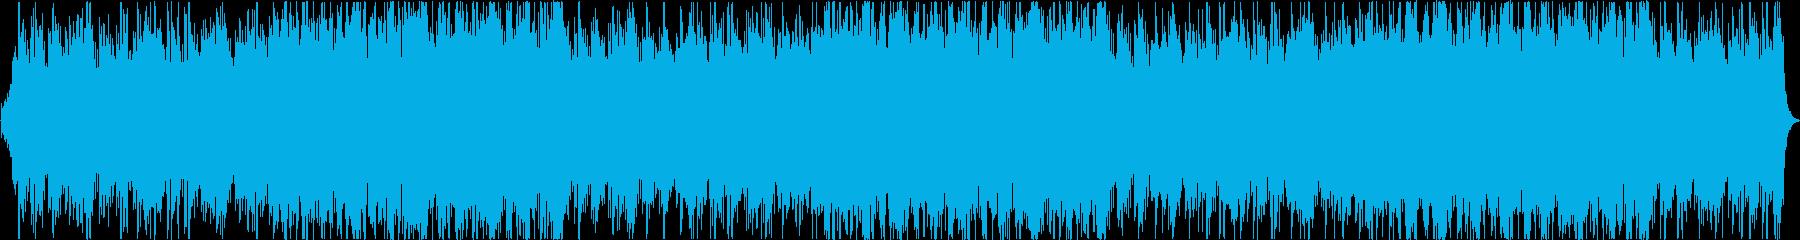 感動シネマティックエピックオーケストラgの再生済みの波形